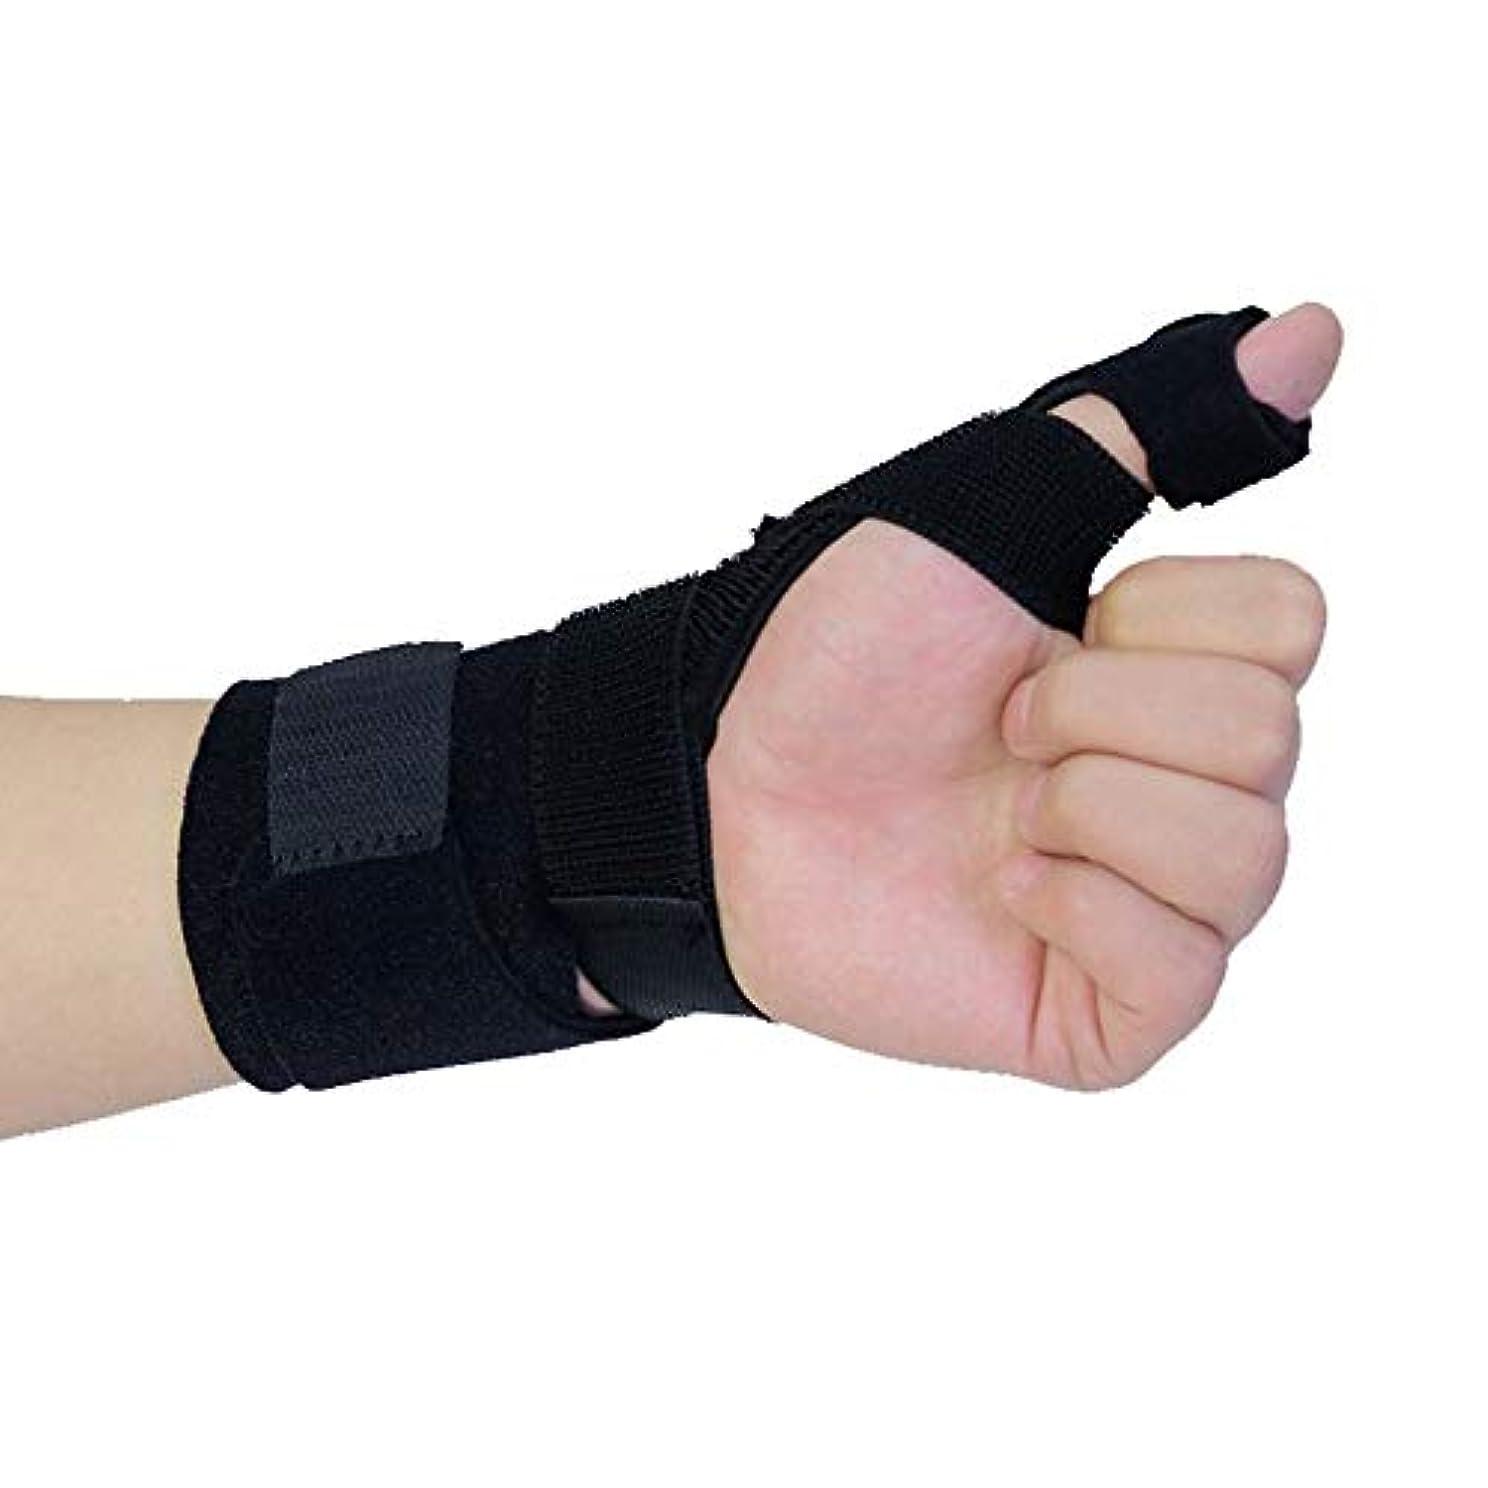 電池合体ハム関節炎、腱炎、手根管の痛みの軽減、軽量で 調節可能なサイズに適した調節可能な親指装具プロテクター